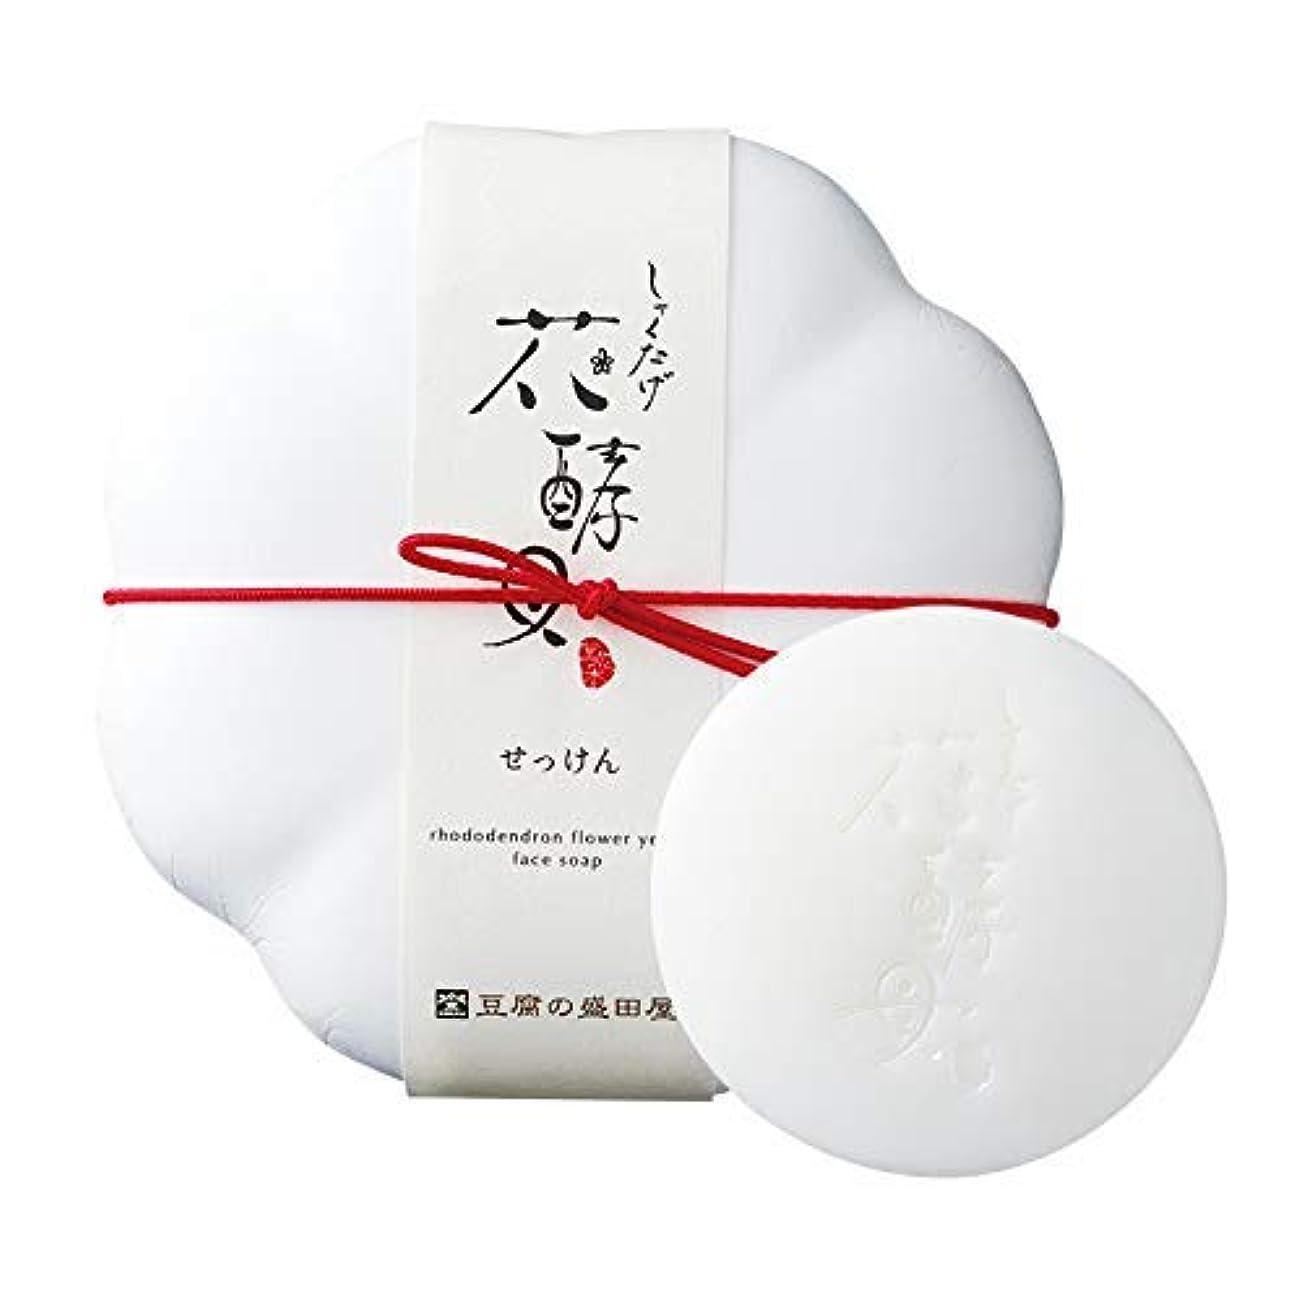 腫瘍チャンバー汚れる豆腐の盛田屋 豆花水 しゃくなげ花酵母せっけん 50g